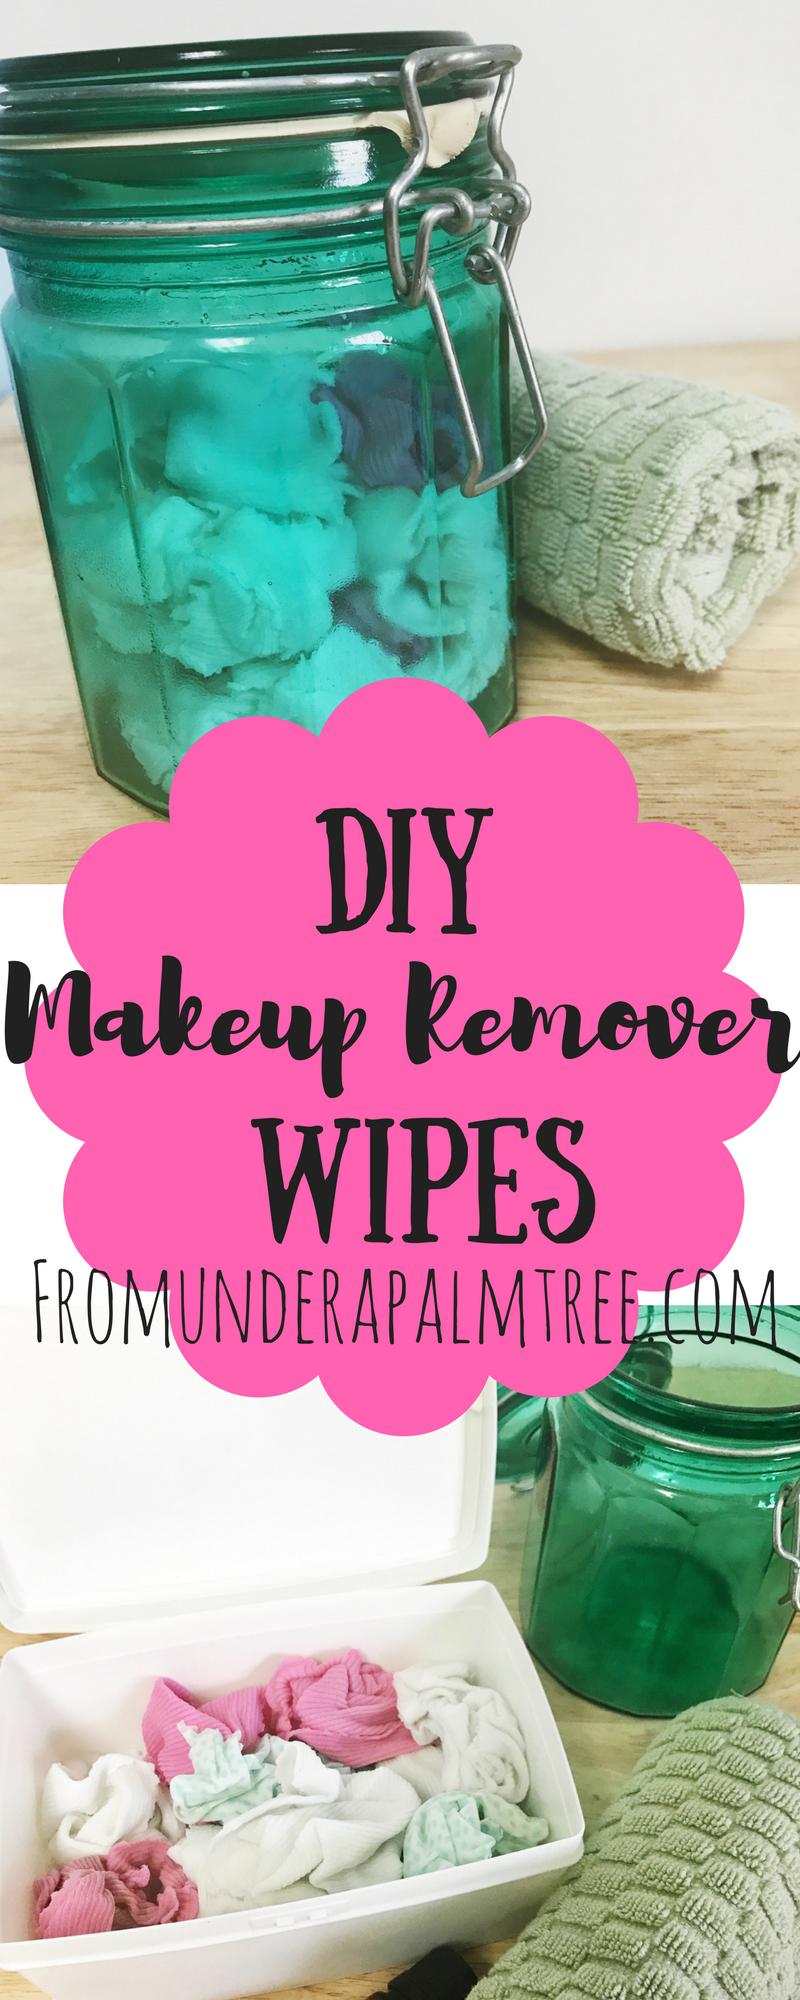 DIY Makeup Remover Wipes Diy makeup remover, Diy makeup